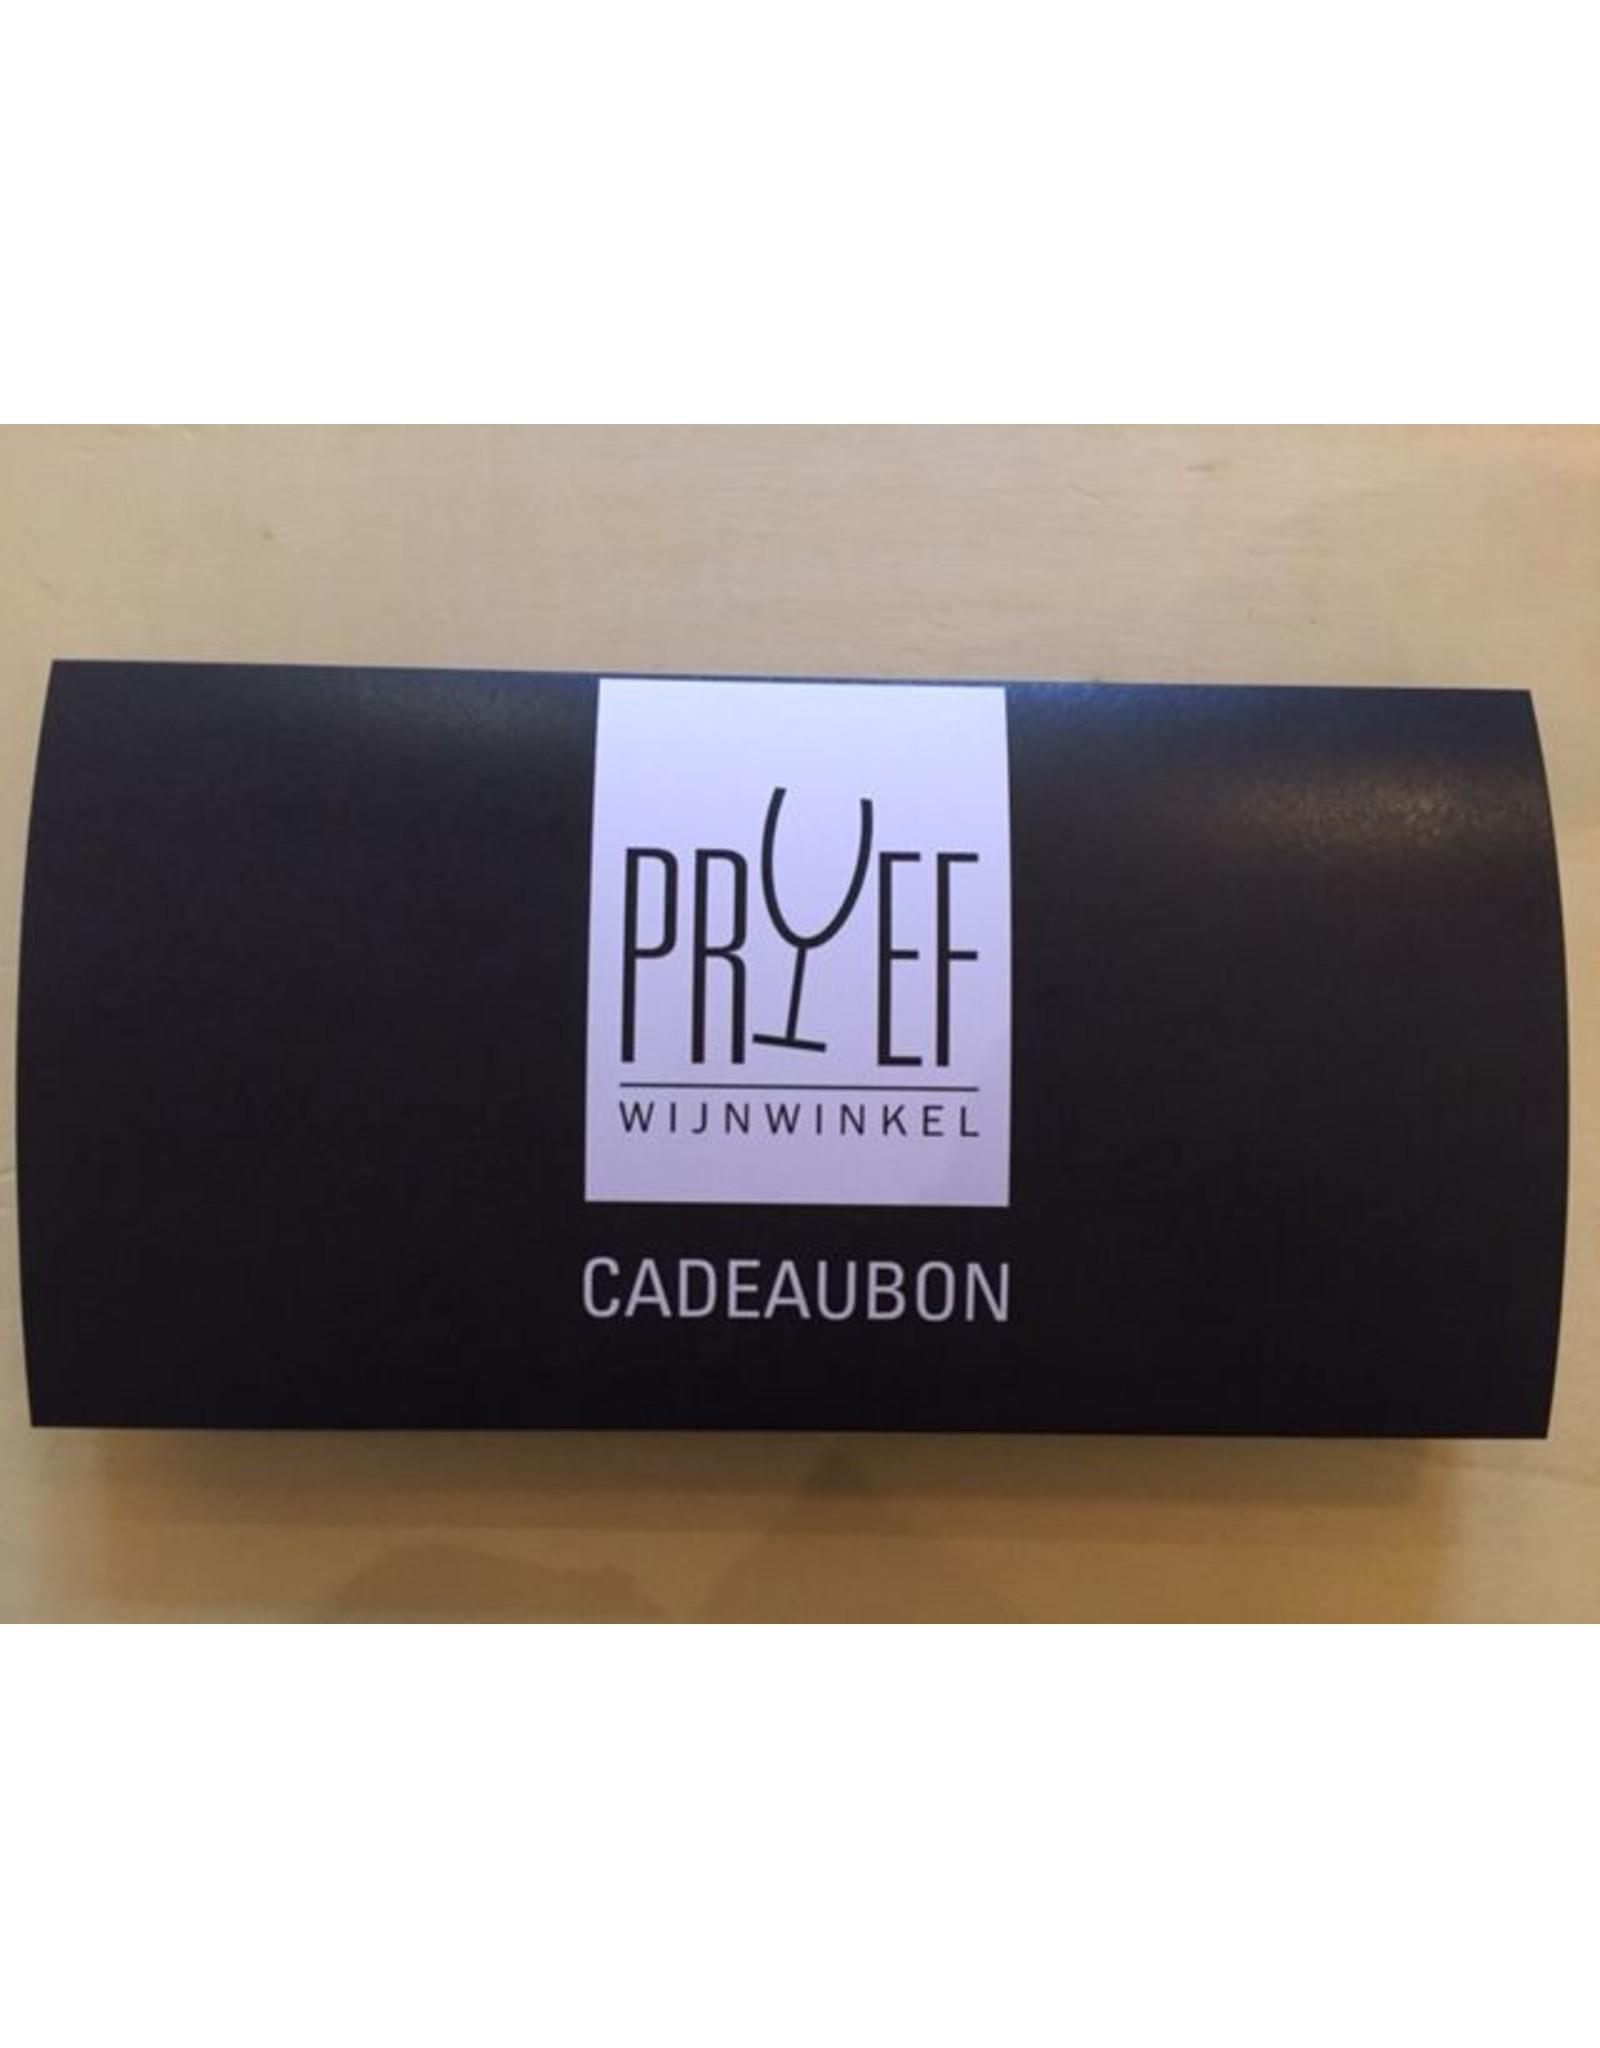 Cadeaubon Wijnwinkel Proef €100